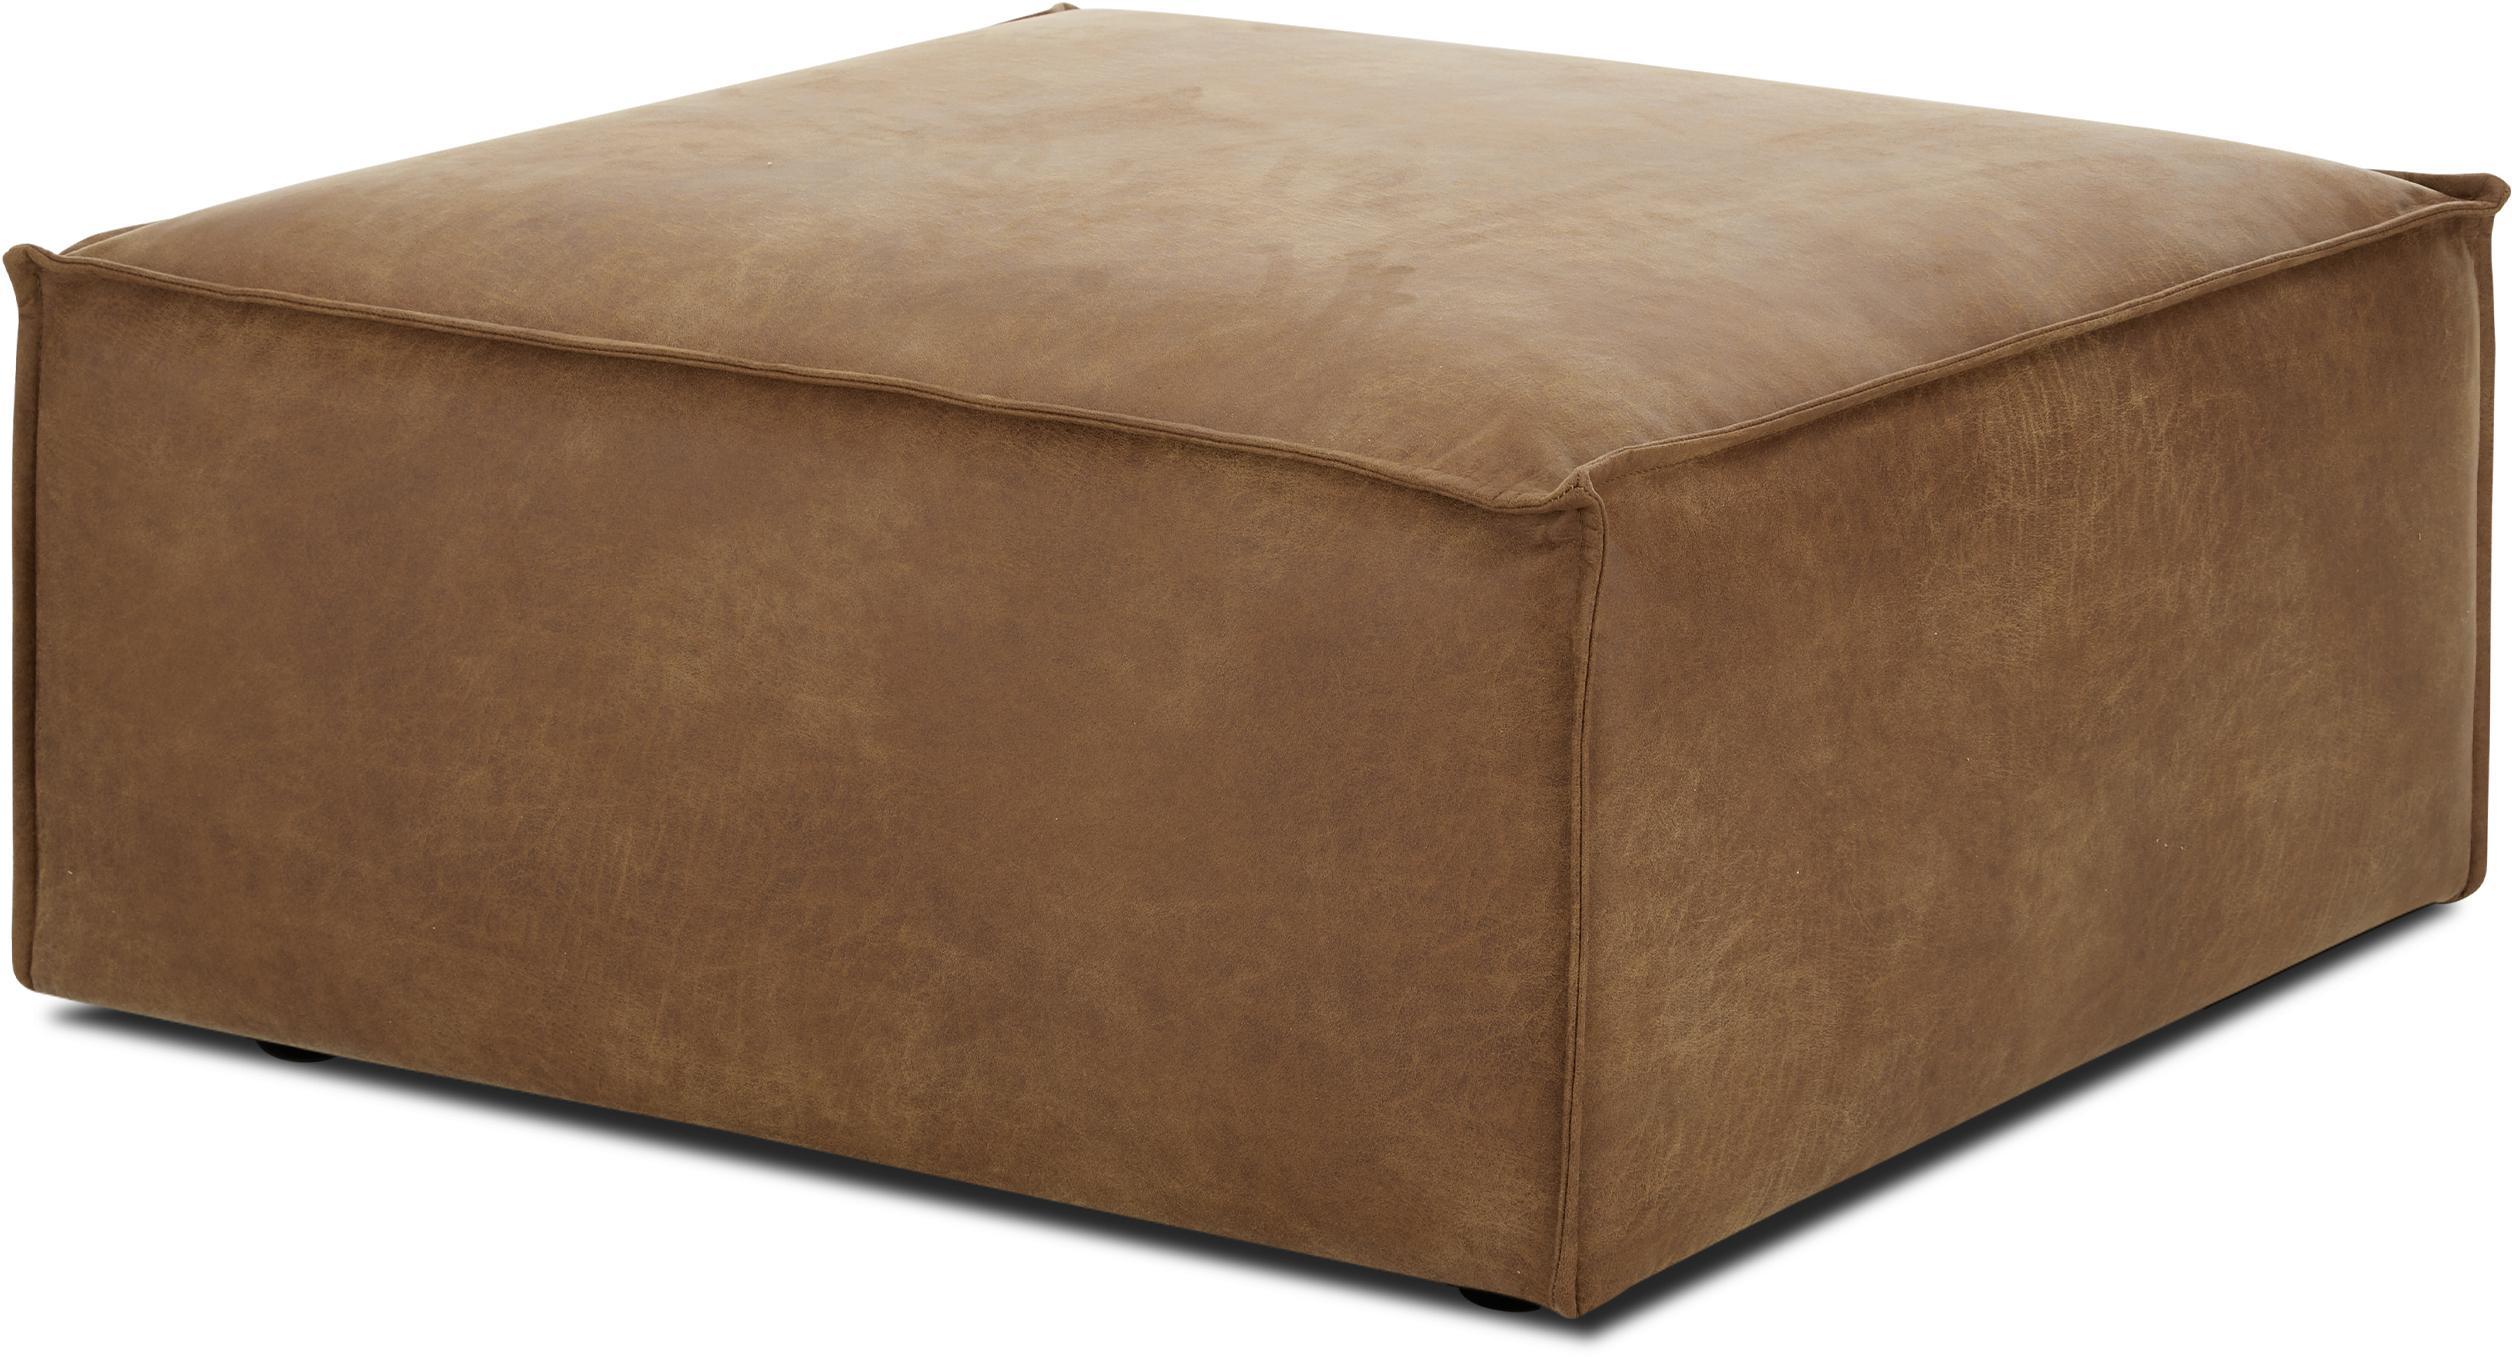 Sofa-Hocker Lennon aus Leder, Bezug: 70% Leder, 30% Polyester , Gestell: Massives Kiefernholz, Spe, Leder Braun, 88 x 43 cm